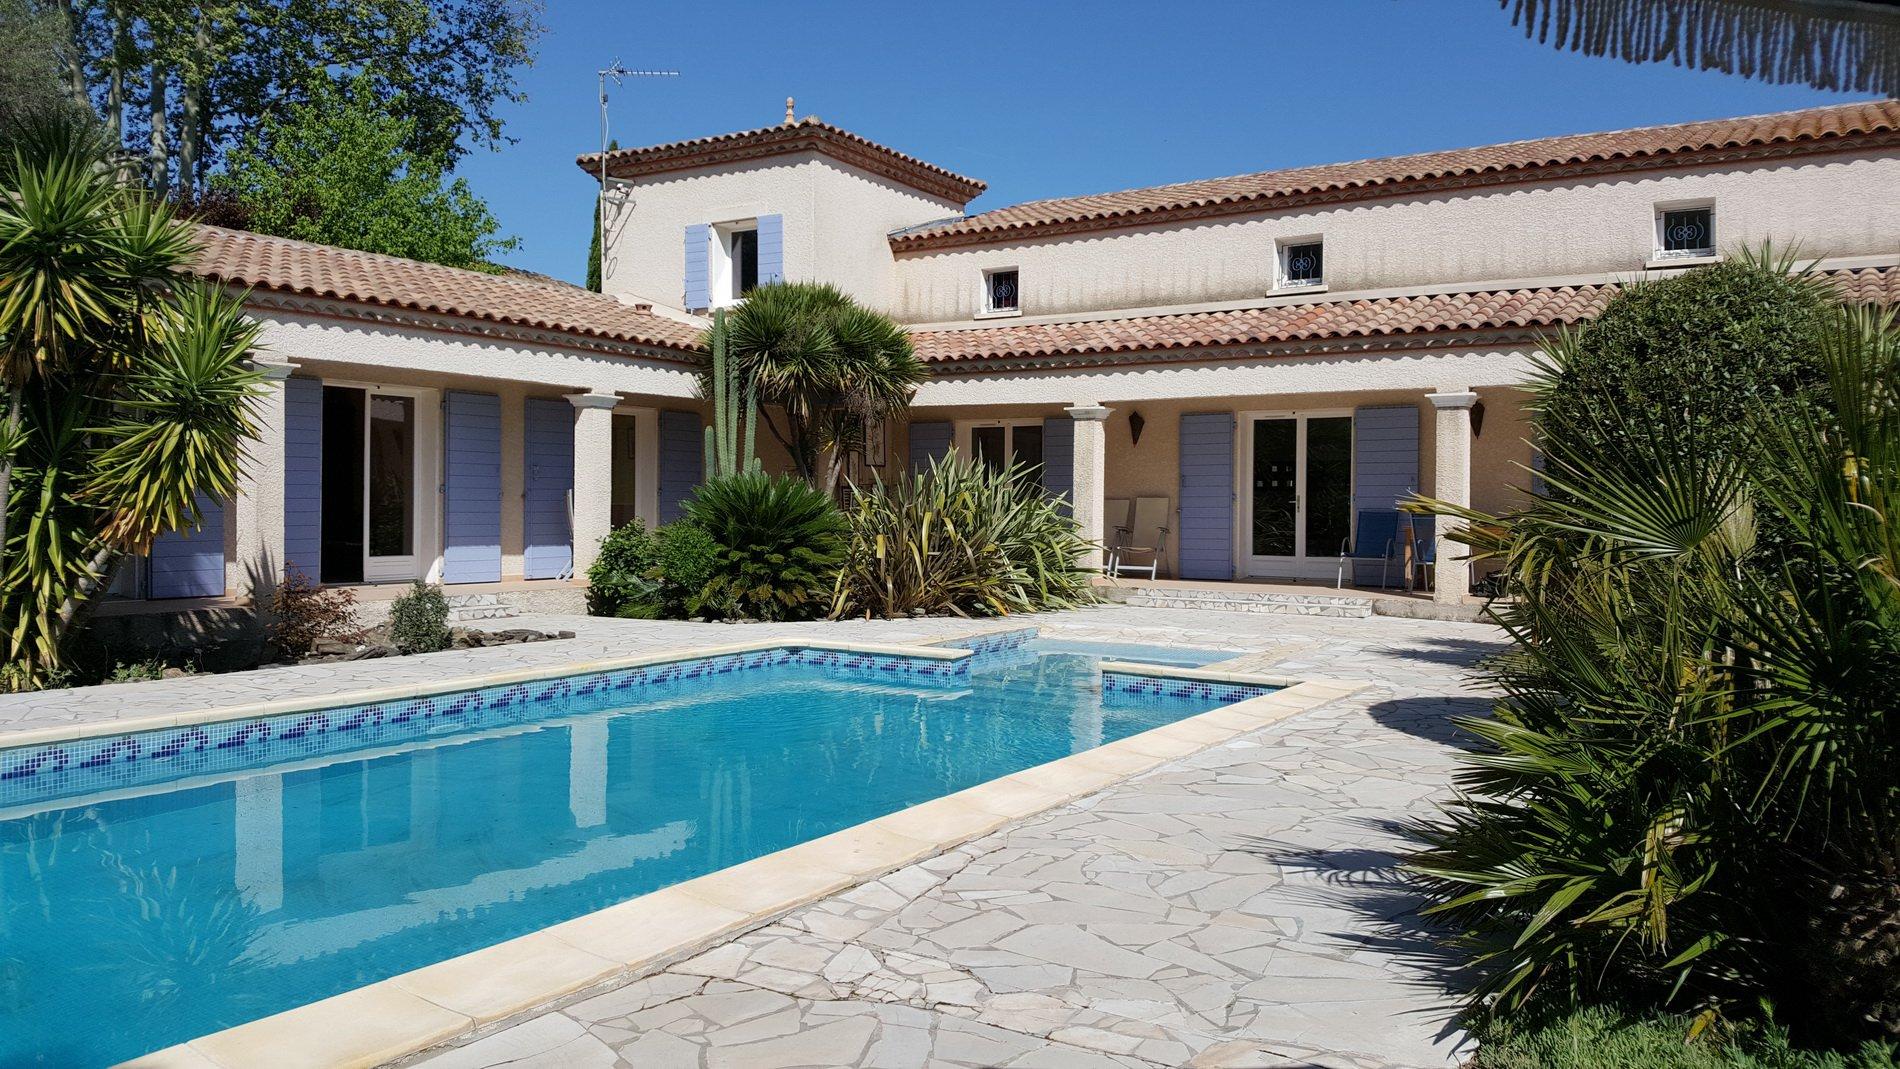 Magnifique villa avec piscine et situation privilégiée dans le village.